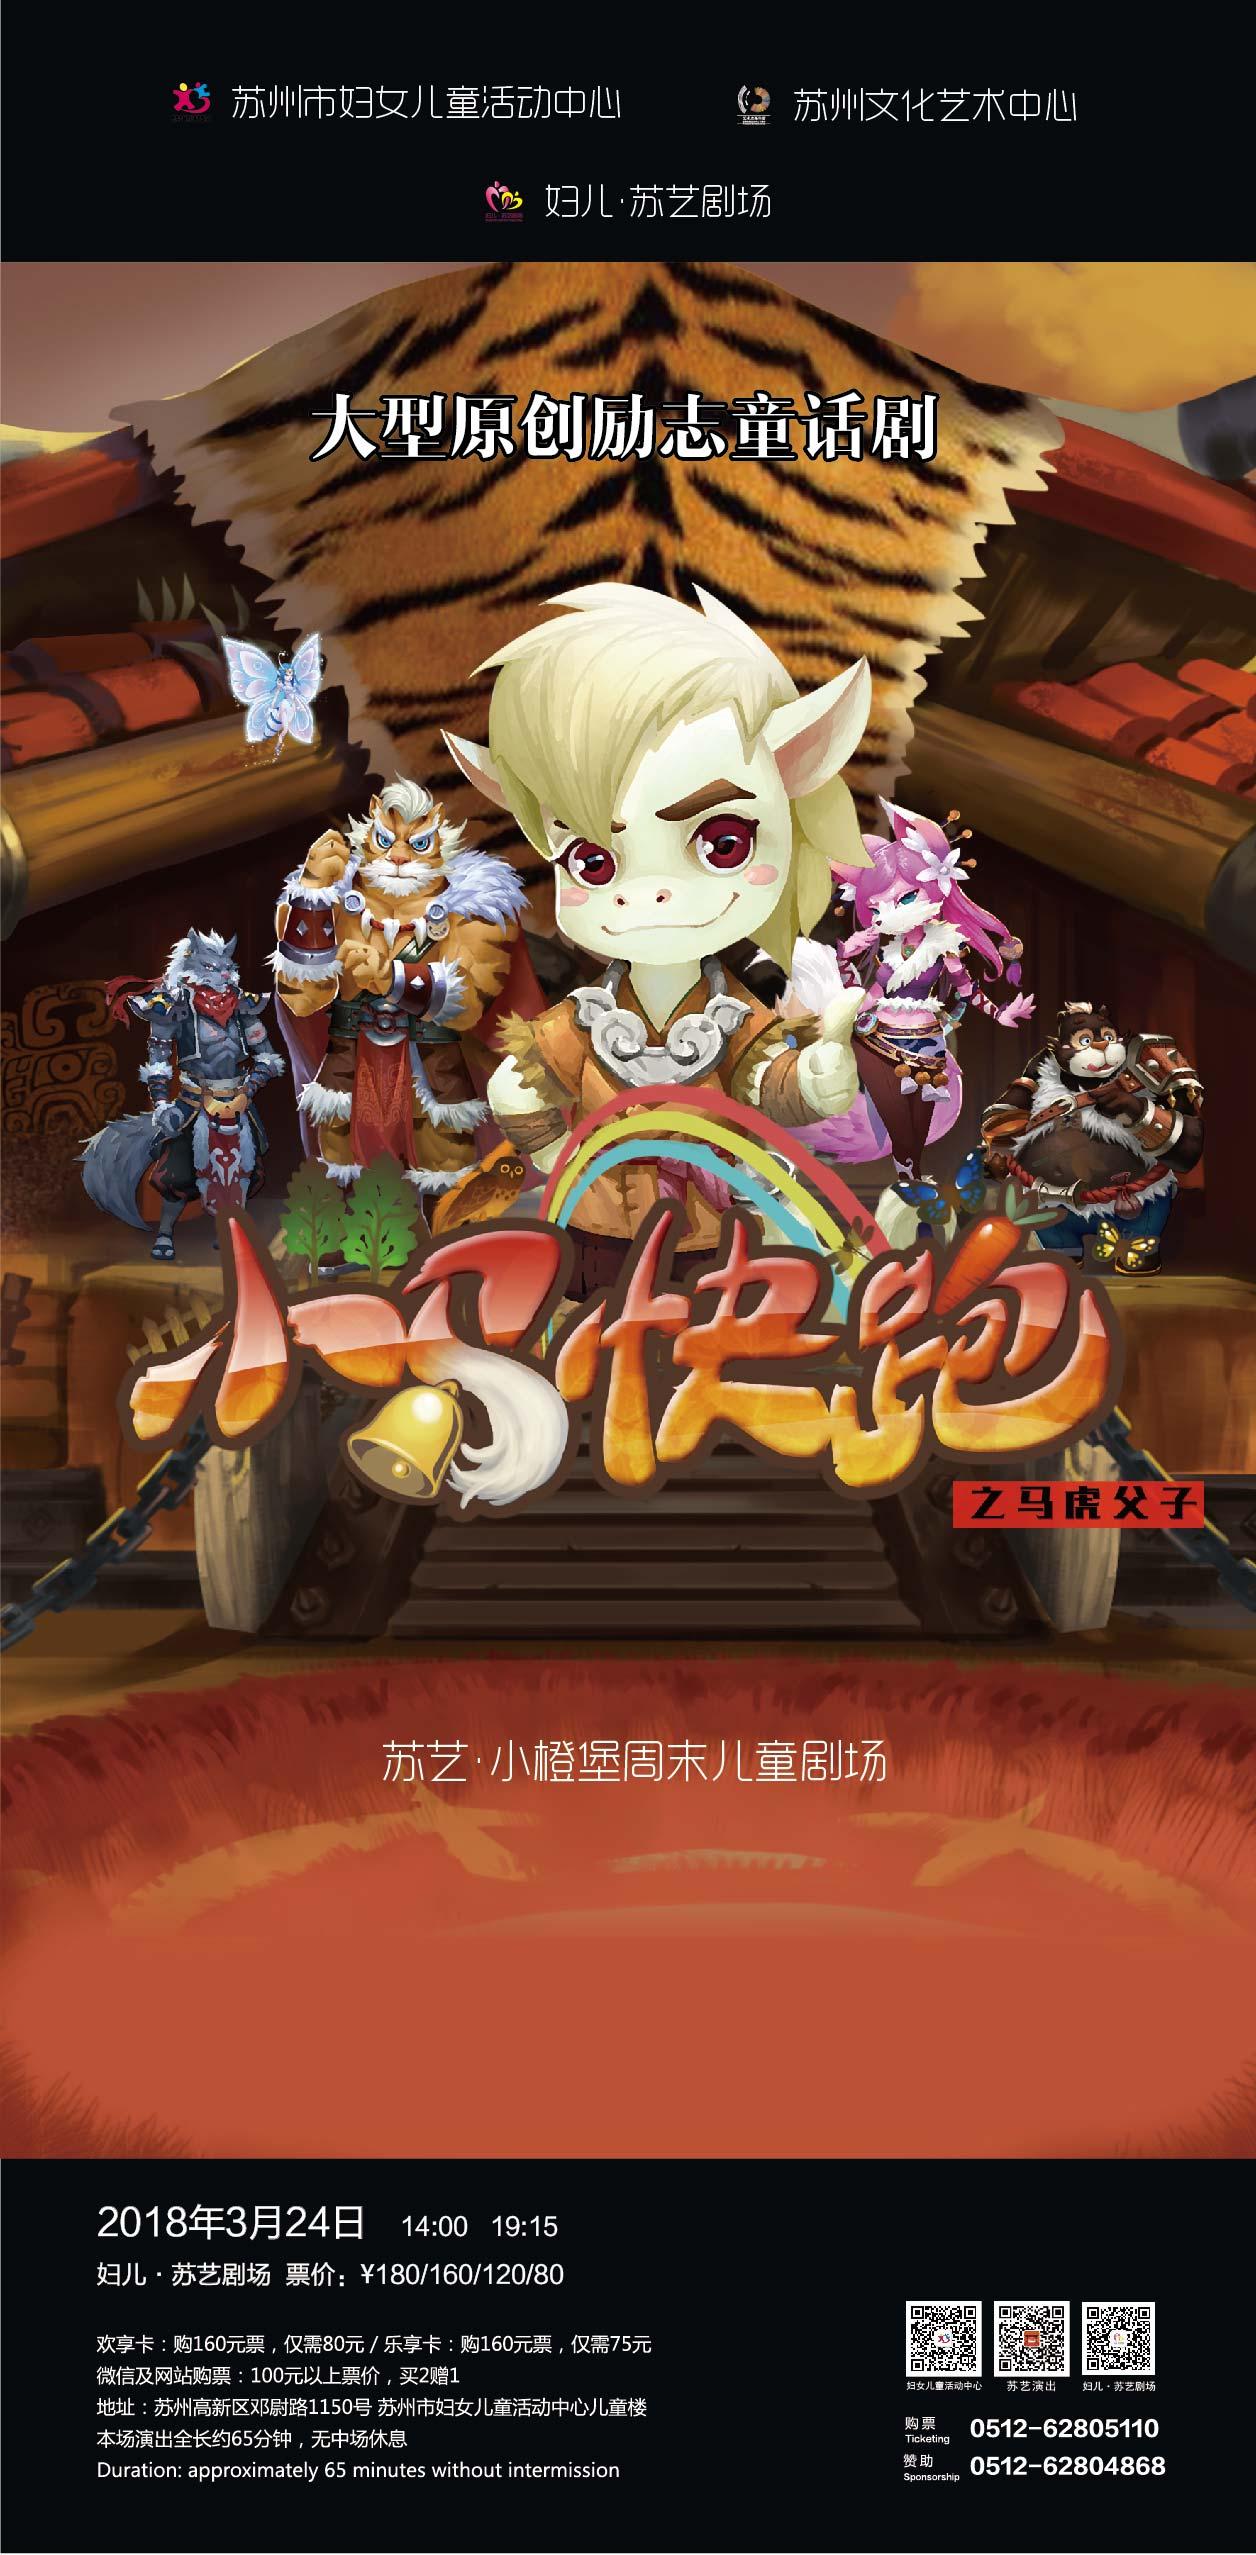 苏艺·小橙堡周末儿童剧场 《小马快跑之马虎父子》